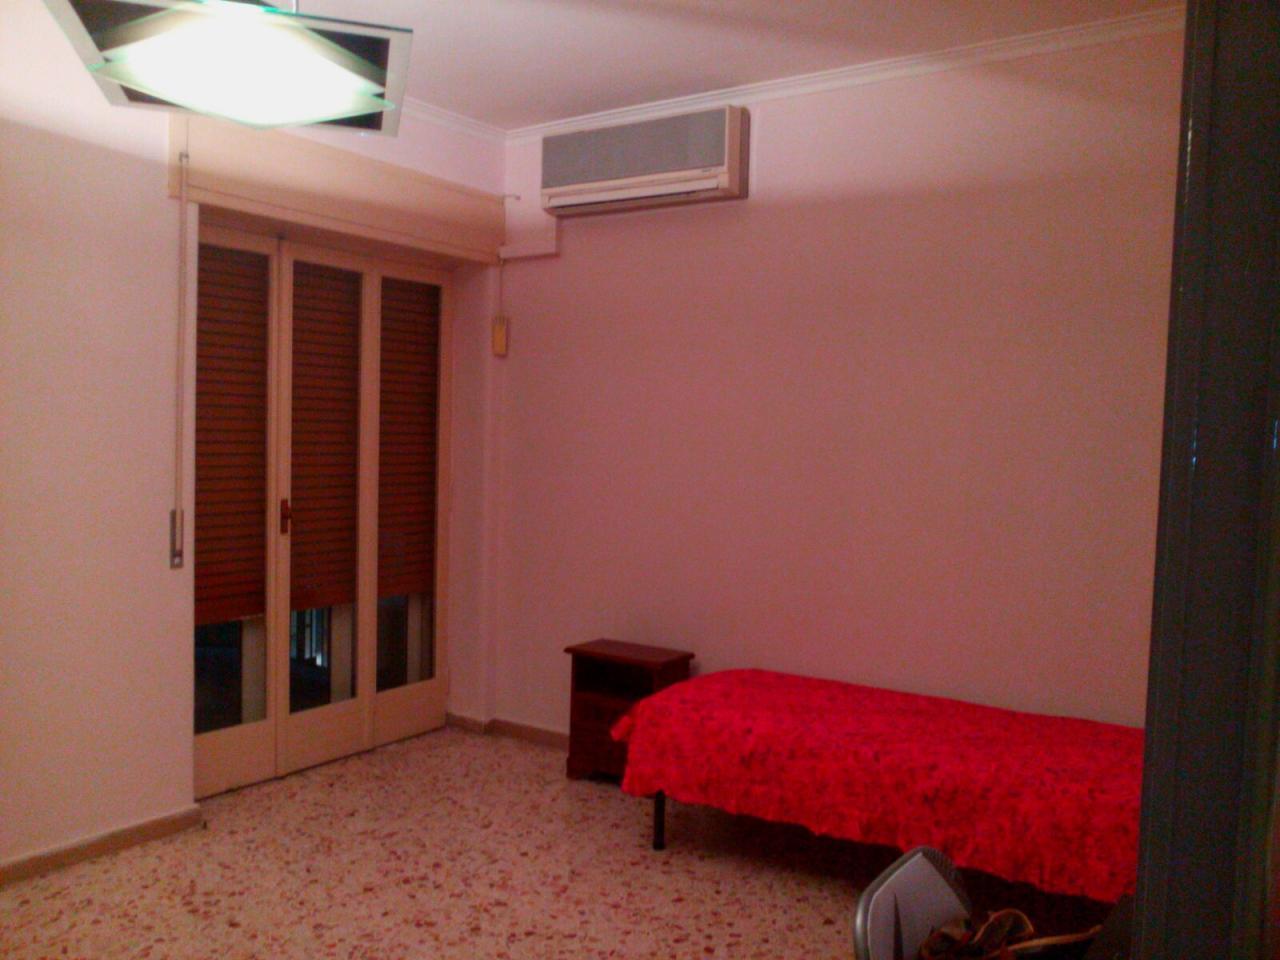 Appartamento in affitto a Catania, 6 locali, zona Località: DAnnunzio, prezzo € 800 | Cambio Casa.it